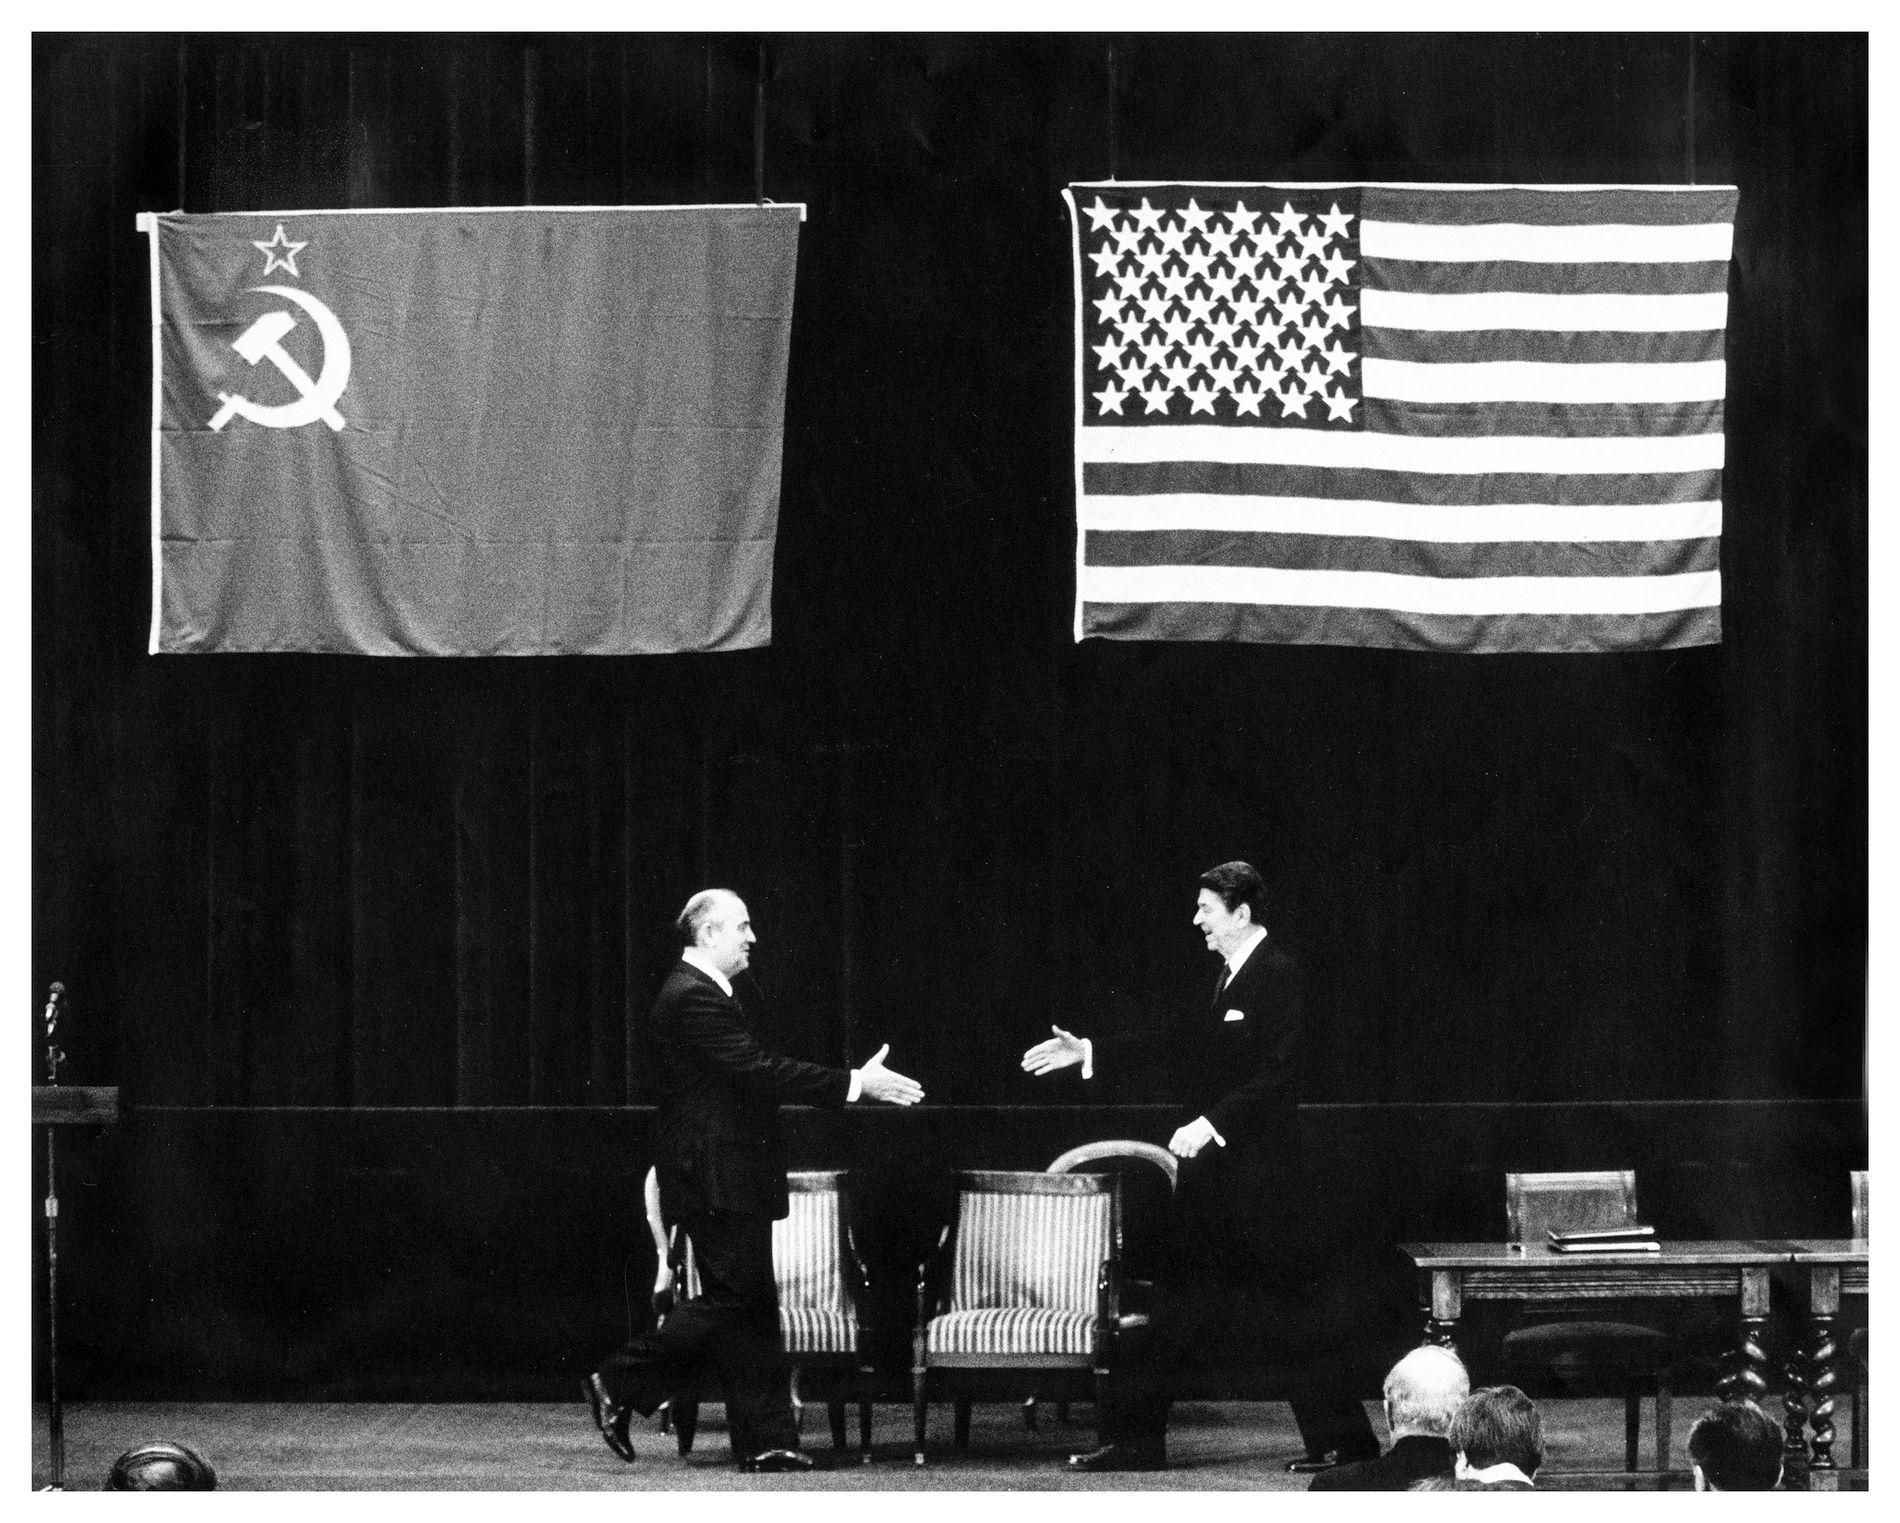 ATOMTRUSSEL: Både Reagan og Gorbatsjov var innsilt på å fjerne trusselen om atomkrigen da de møttes i Geneve i 1985. Dette bildet er tatt av VG-fotograf Dag Bæverfjord under det historiske møtet.